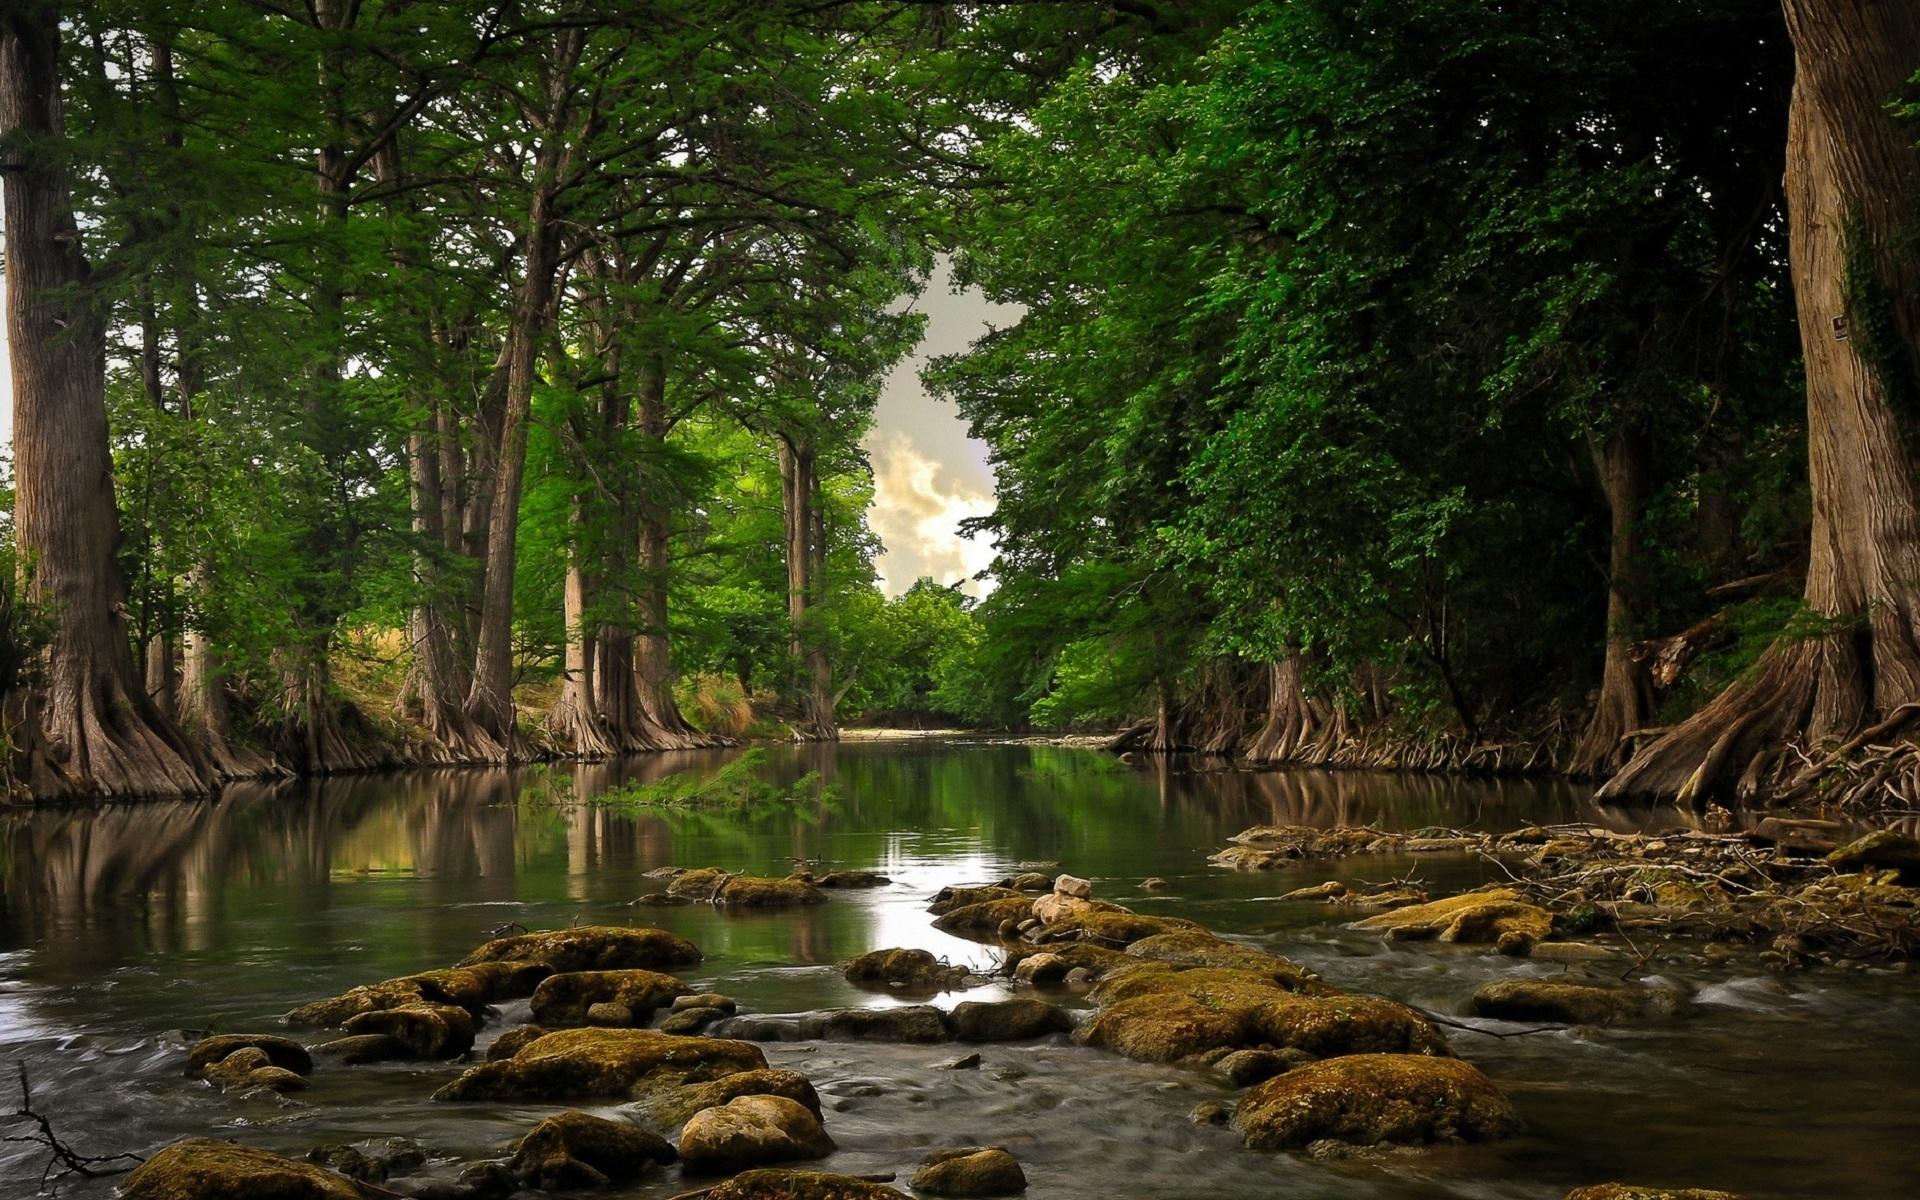 25831 скачать обои Пейзаж, Река, Деревья - заставки и картинки бесплатно